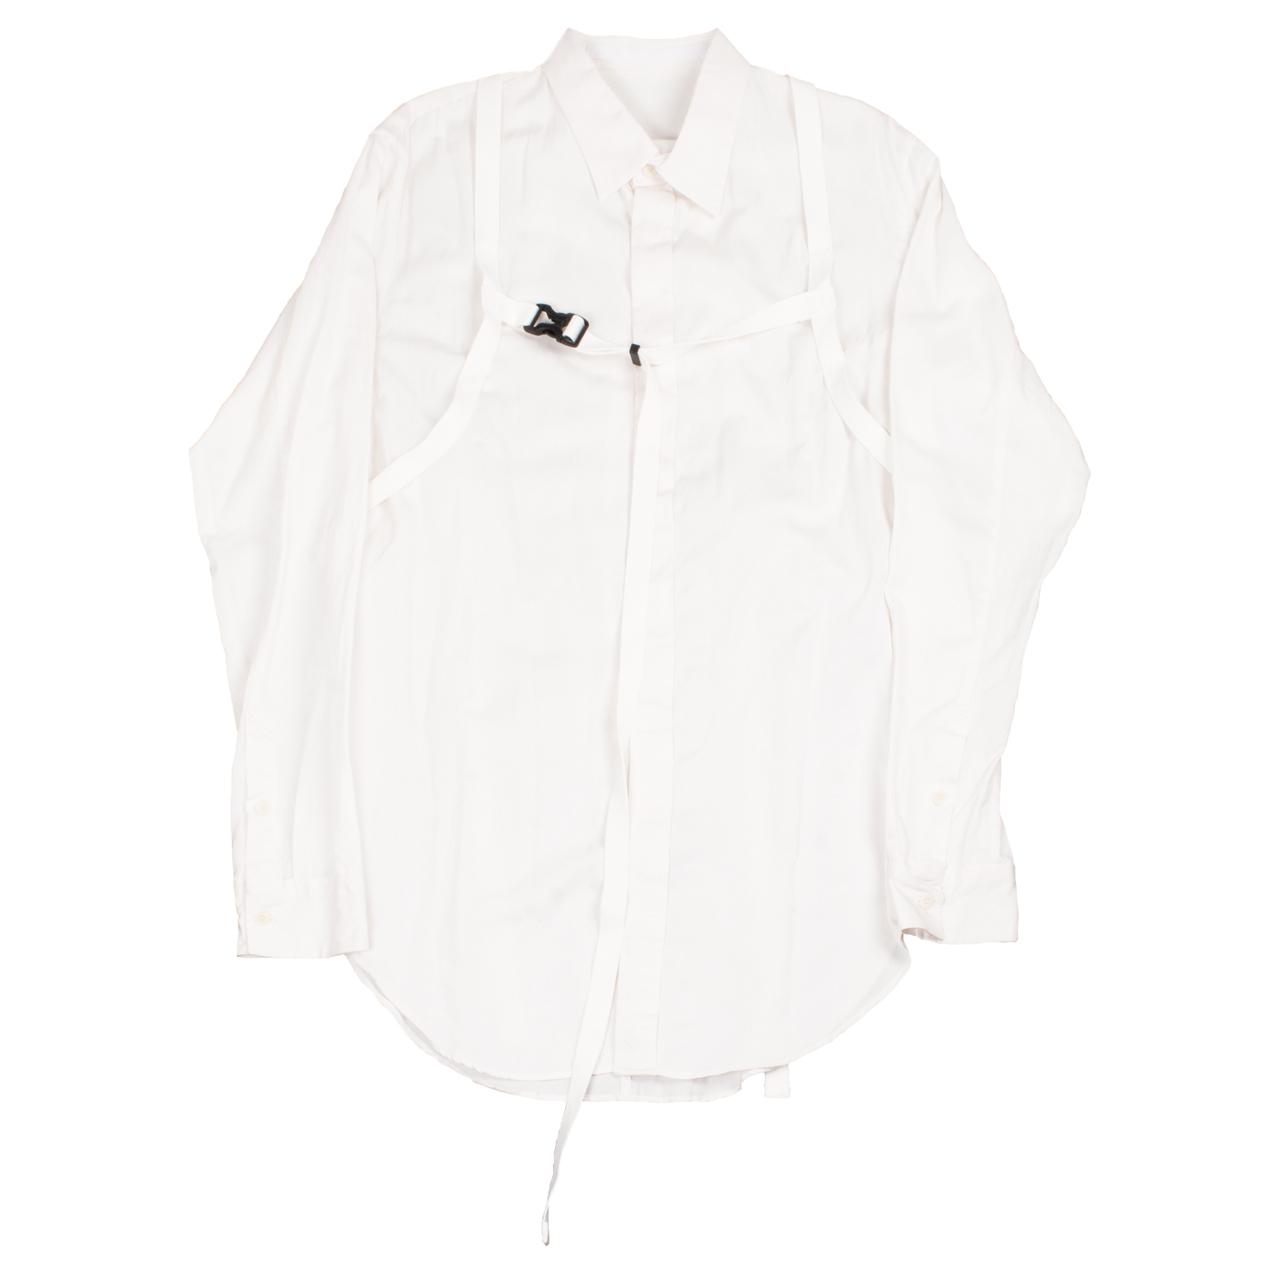 727SHM1-OFF WHITE / ハーネス シャツ